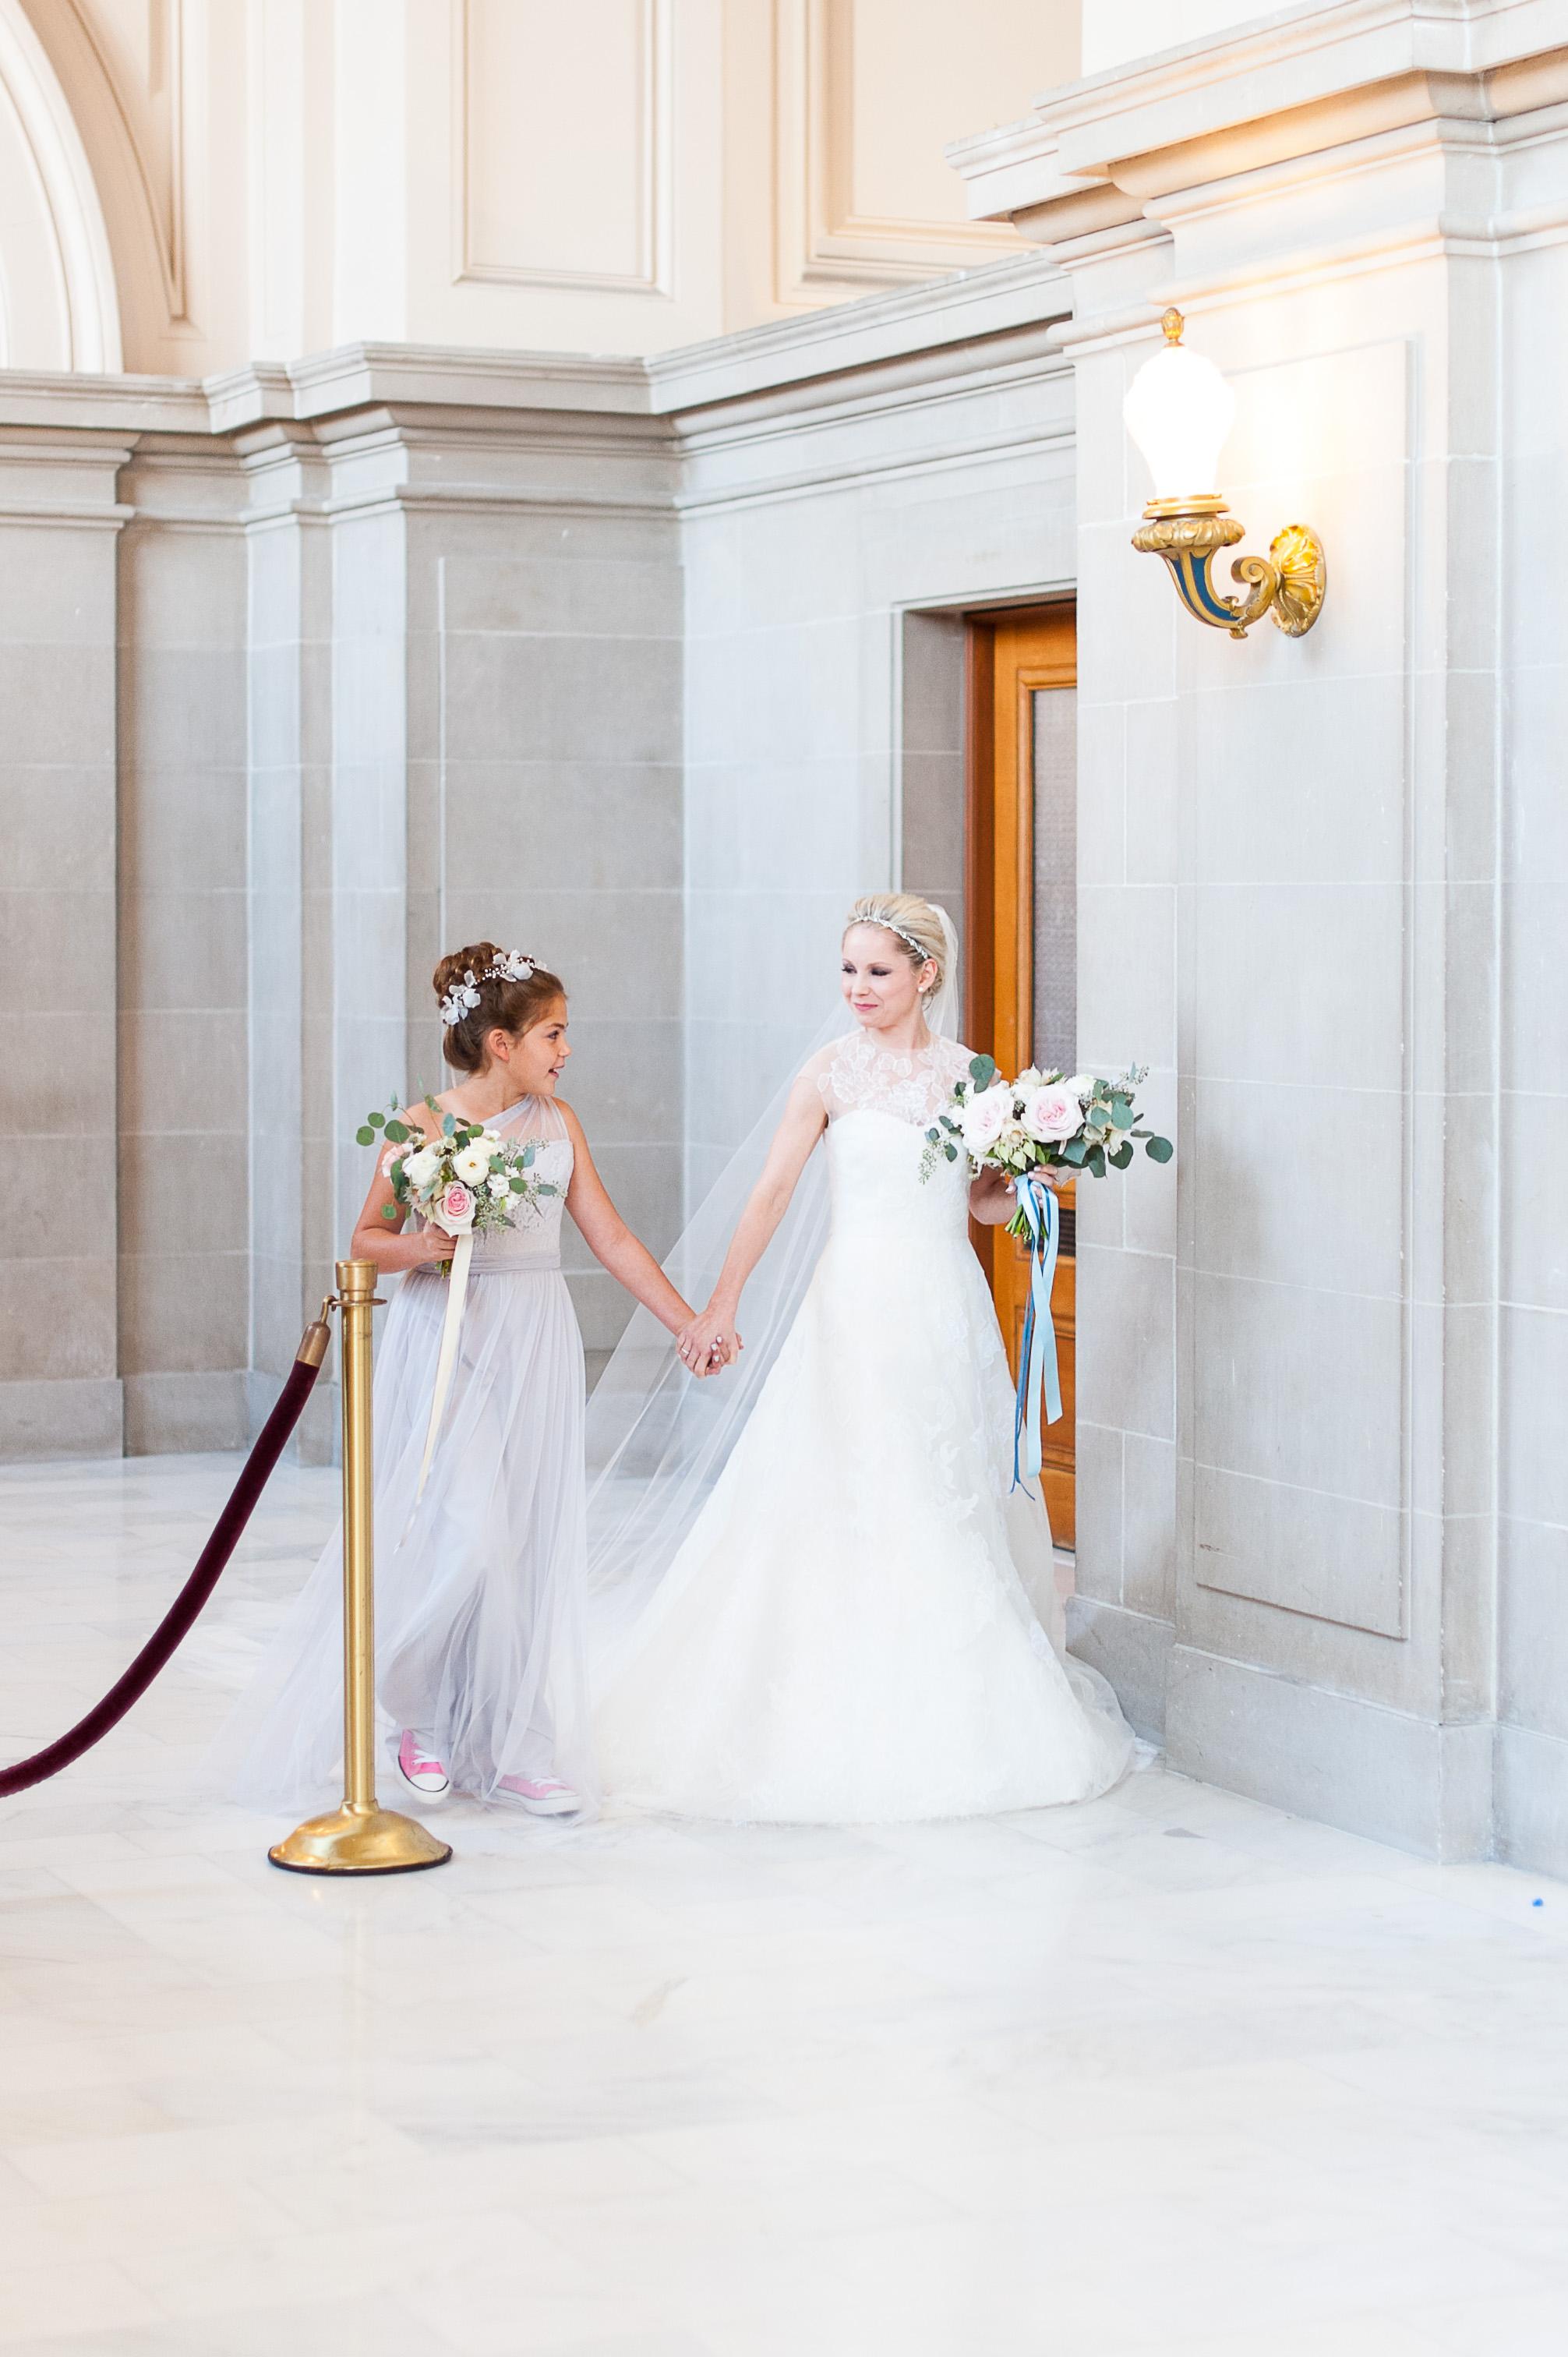 Lana&Rob_Wedding-152 copy.jpg